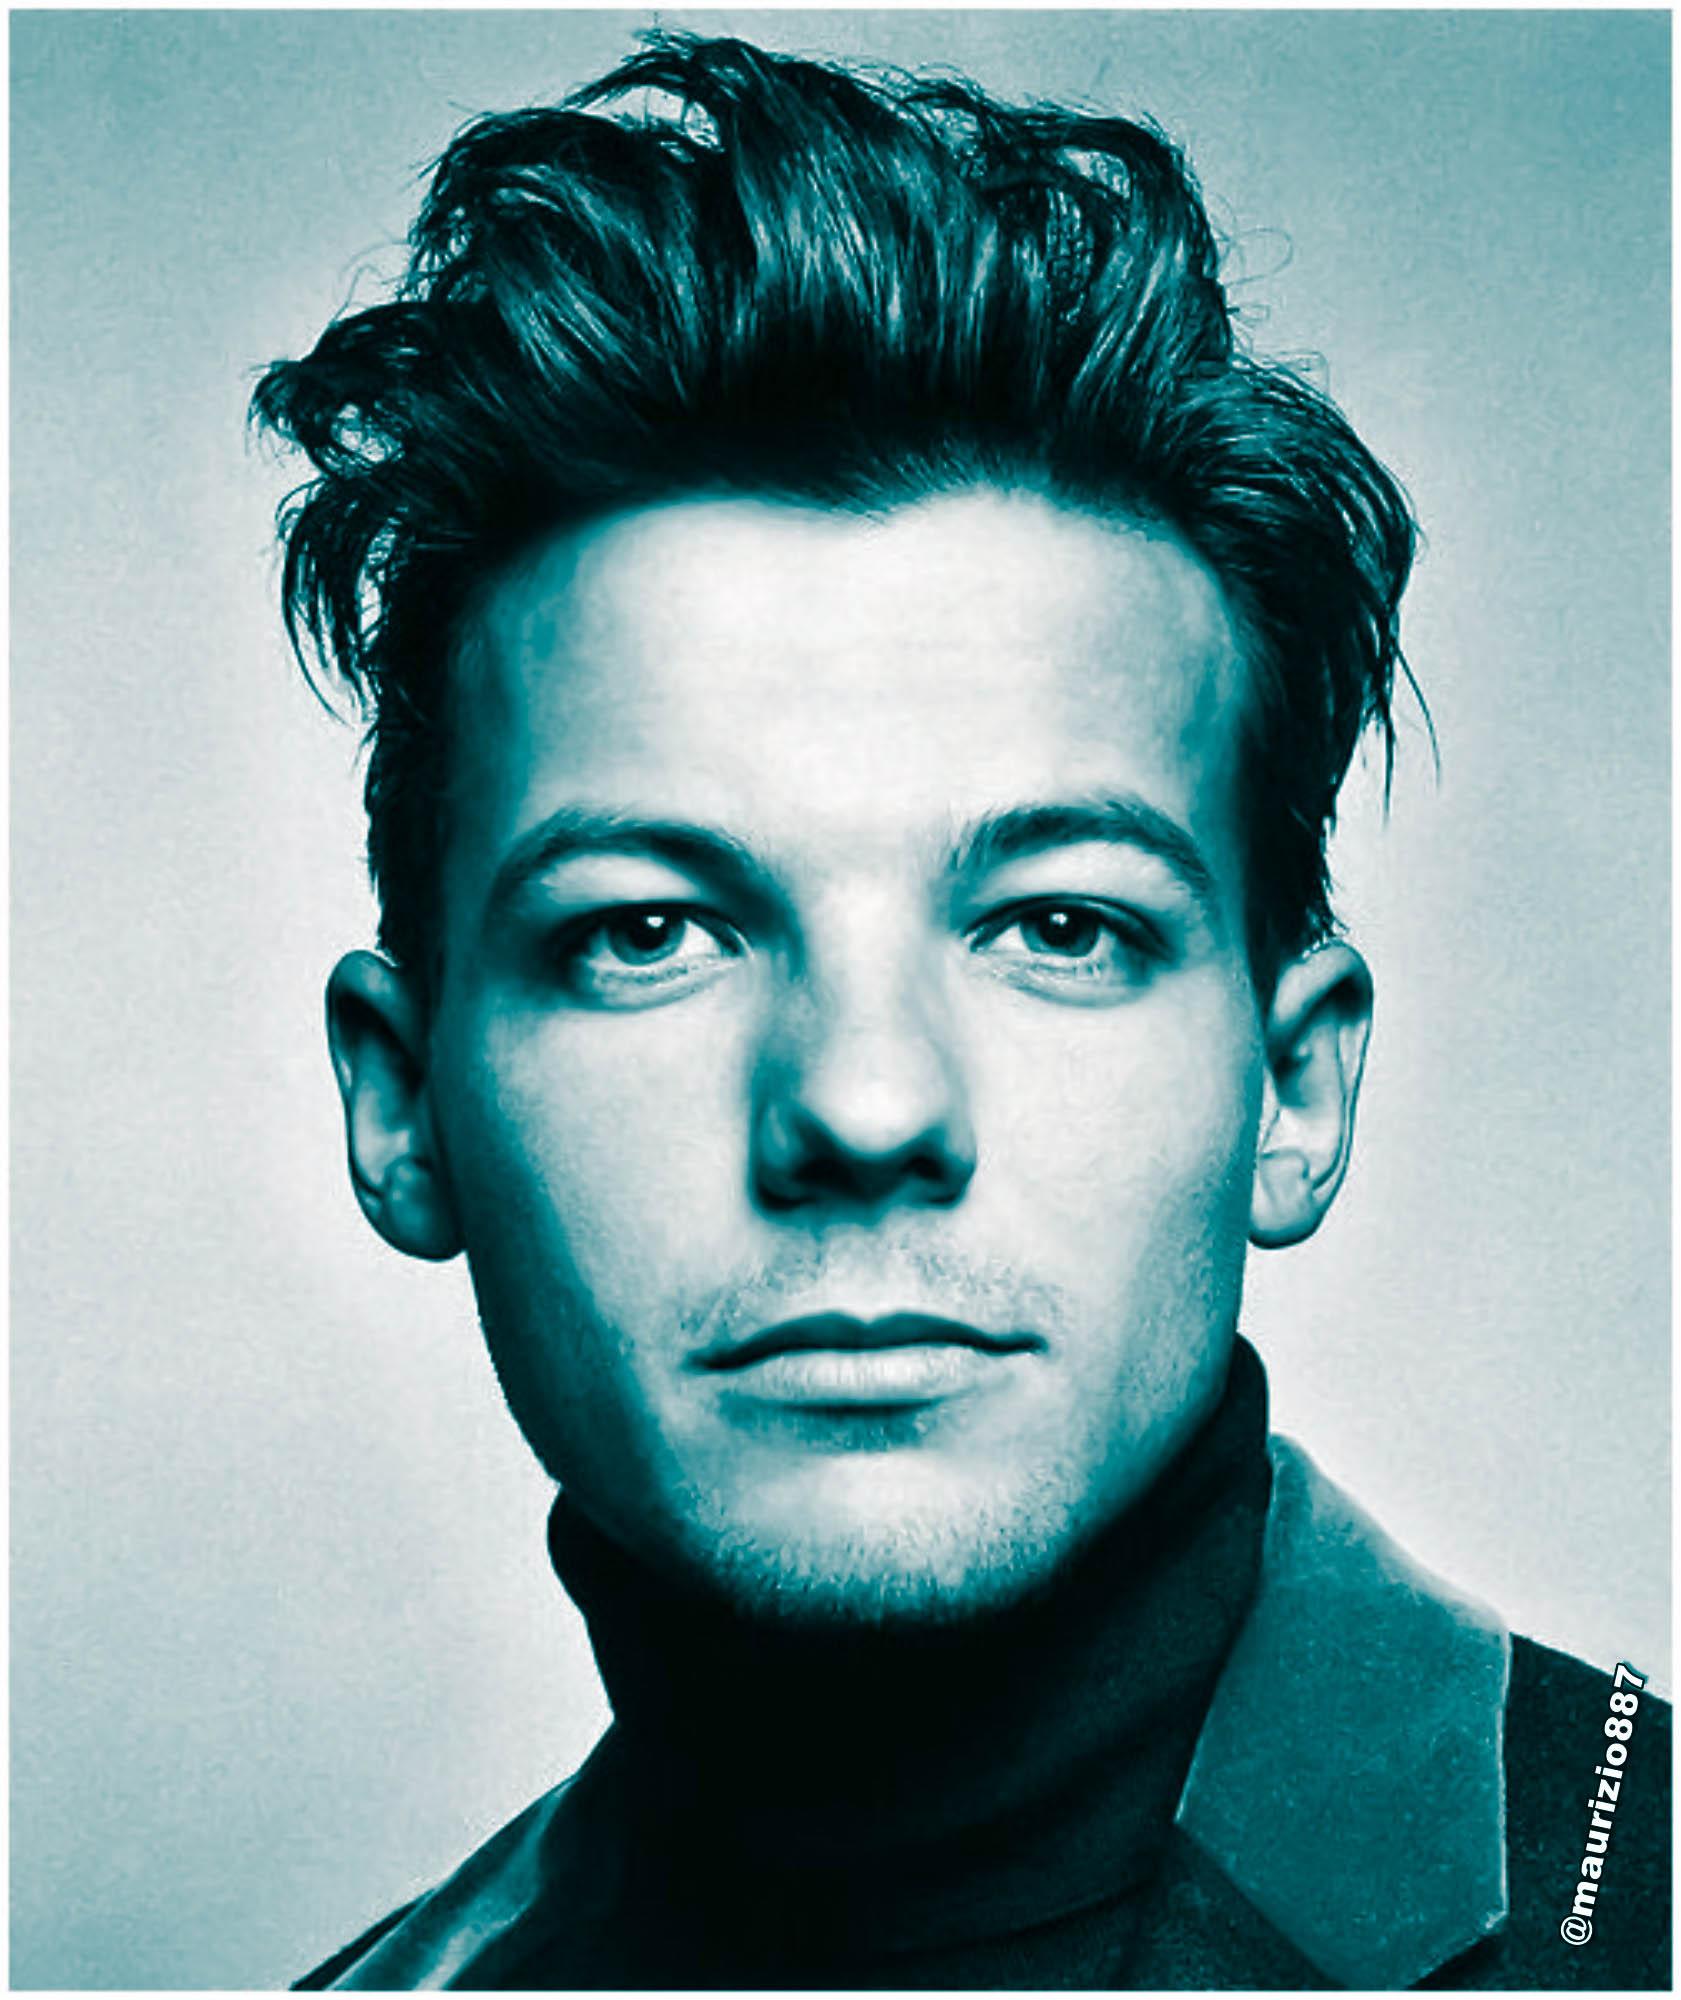 Louis Tomlinson Shirtless Photoshoot